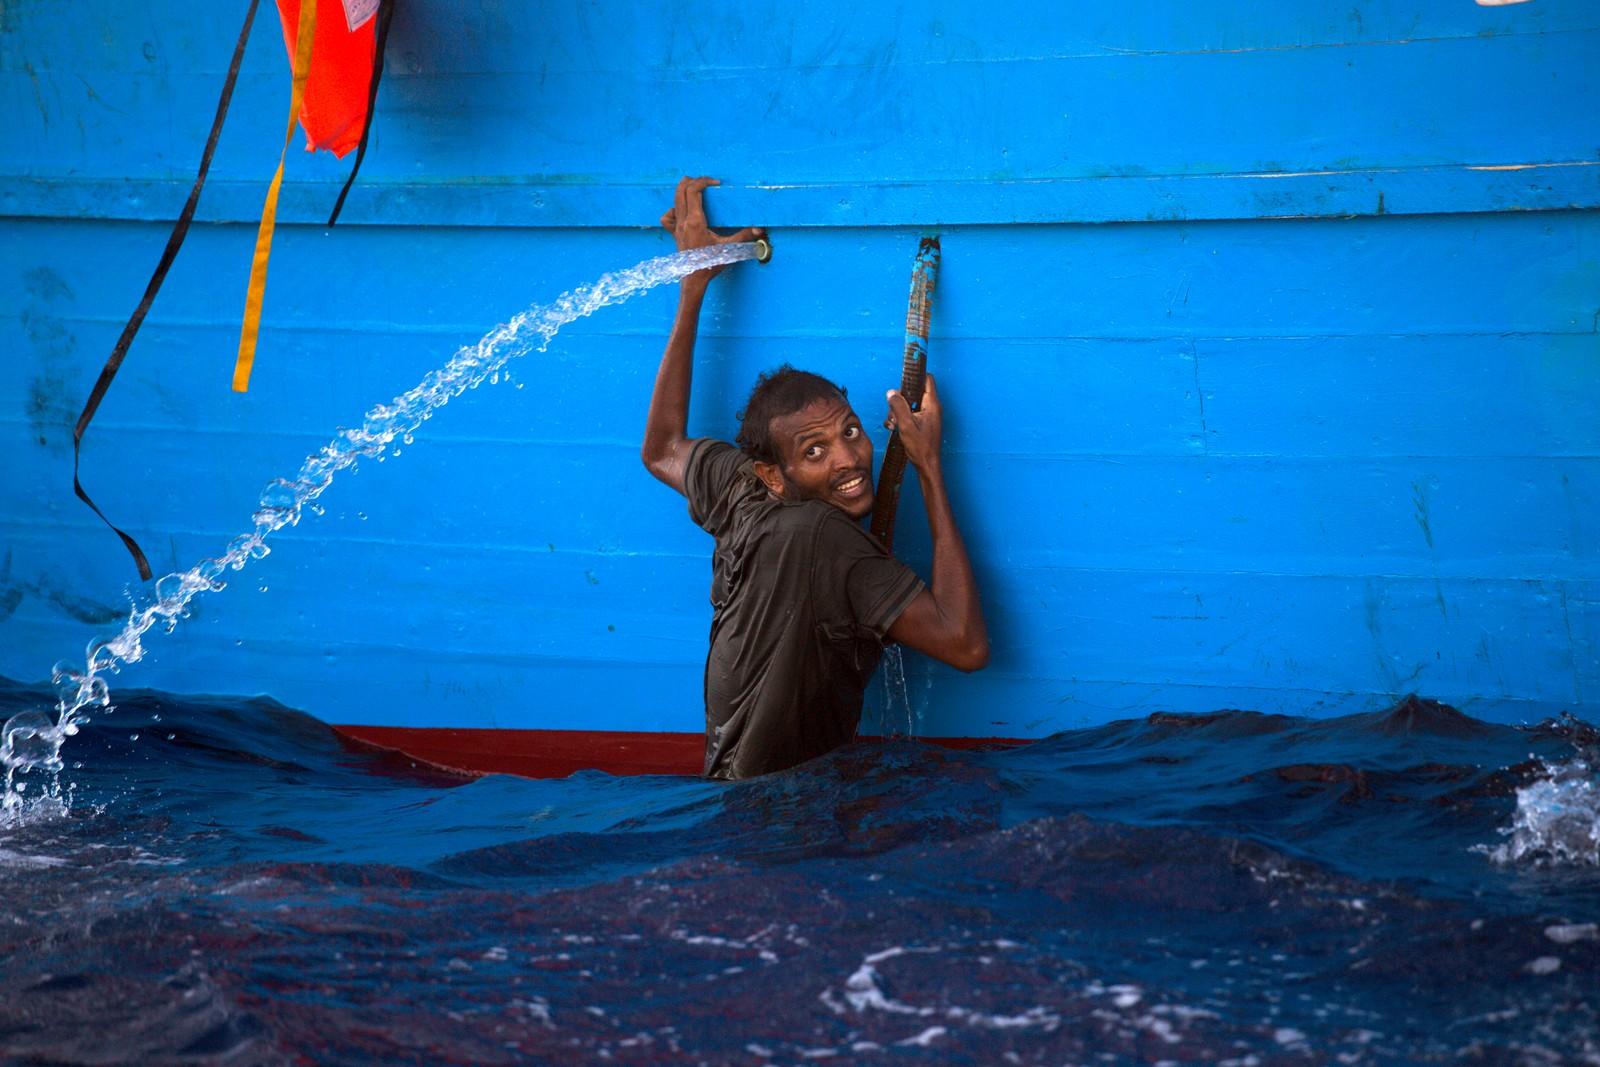 """En mann klamrer seg til en overfylt båt etter å ha hoppet i havet under en redningsaksjon i Middelhavet den 29. august. Flere tusen flyktninger ble reddet av den spanske frivillige organisasjonen """"Proactive Open Arms"""". De hadde mer enn 20 båter i aksjon denne dagen."""